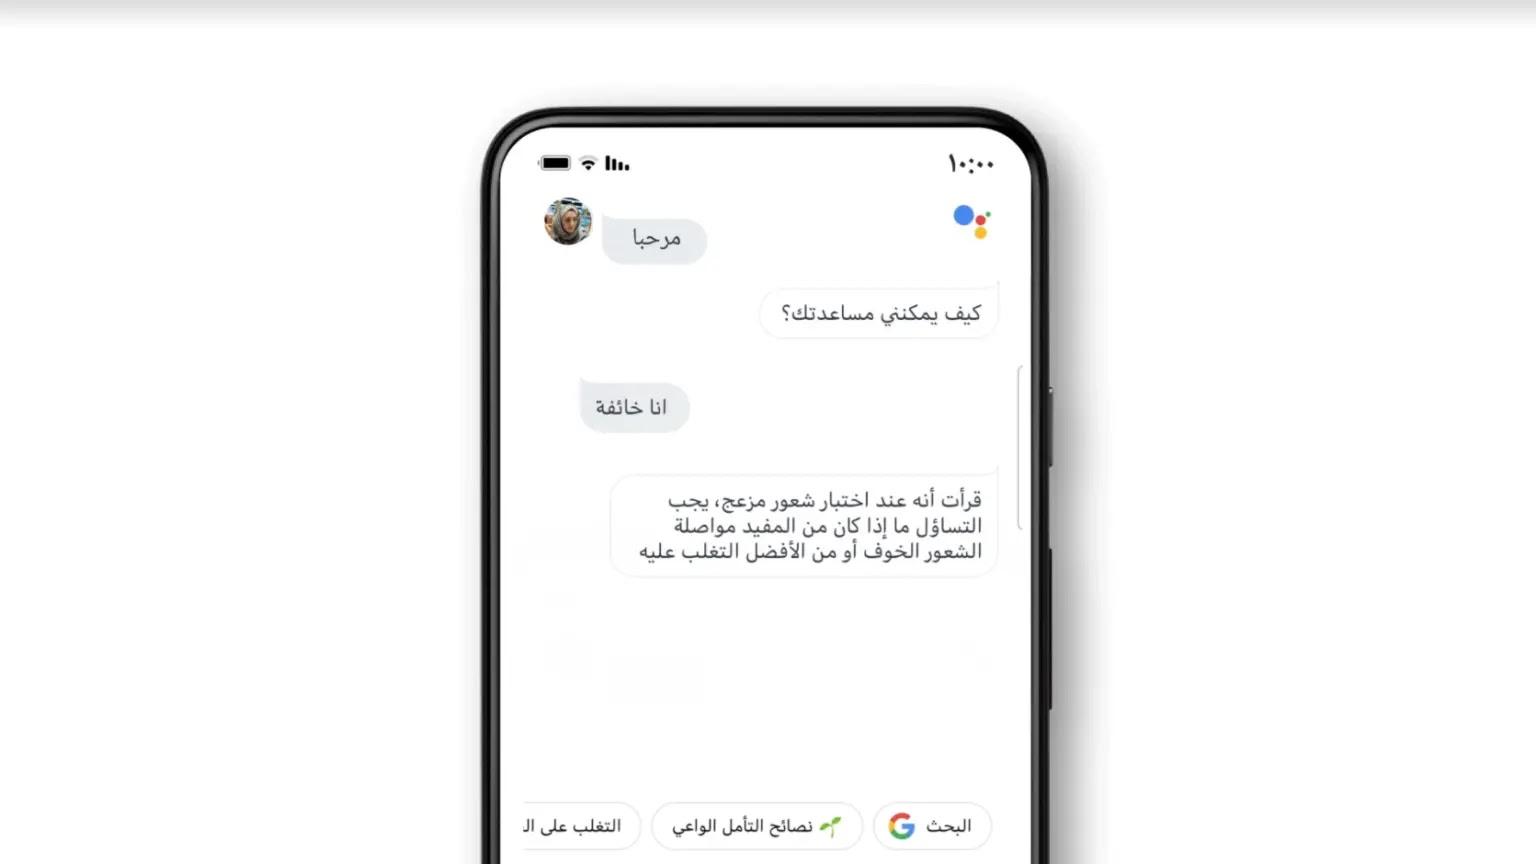 مساعد جوجل الصوتي,مساعد جوجل للكمبيوتر,مساعد جوجل بالعربي,مساعد جوجل apk,مساعد جوجل الصوتي apk,مساعد جوجل pc,مساعد جوجل لا يعمل,مساعد جوجل حمار,مساعد جوجل يتكلم,مساعد جوجل يدعم اللغة العربية,يا مساعد جوجل,انا مساعد جوجل كيف يمكنني مساعدتك,يا مساعد جوجل غني لي اغنيه,يا مساعد جوجل كيف حالك,اهلا يا مساعد جوجل,اهلا بك يا مساعد جوجل,السلام عليكم يا مساعد جوجل,كيف الحال يا مساعد جوجل,مرحبا بك يا مساعد جوجل,مساعد جوجل ويب,مساعد جوجل وينك,وين مساعد جوجل,ويكيبيديا مساعد جوجل,مساعد جوجل و,مساعد جوجل هل تسمعني,مساعد جوجل هل انت ارمي,مساعد جوجل هواوي,مساعد جوجل هل انت هنا,مساعد جوجل هاتف,مساعد جوجل ما هو,مساعد جوجل من هو,هاي مساعد جوجل,مساعد جوجل مساعد جوجل,مساعد جوجل ناو,حذف مساعد جوجل نهائيا,مساعد جوجل ابغى نكته,مساعد جوجل احكي لي نكته,نكت مساعد جوجل,نتائج مساعد جوجل,نظام مساعد جوجل,مساعد جوجل مترجم,مساعد جوجل ما اسمي,مساعد جوجل مجانا,مساعد مساعد جوجل,مساعد جوجل للايفون,مساعد جوجل لا يستجيب,مساعد جوجل لو سمحت,مساعد جوجل للابتوب,مساعد جوجل للترجمه,مساعد جوجل ويندوز,مساعد جوجل الاصلي,مساعد جوجل العربي,مساعد جوجل كروم,مساعد جوجل كمبيوتر,مساعد جوجل كم الساعه الان,مساعد جوجل كيف حالك,مساعد جوجل كم عمرك,مساعد جوجل كم باقي يوم على رمضان,مساعد جوجل كاميرا,مساعد جوجل كيف,مساعد google بالعربي,مساعد جوجل فزوره رمضان,مساعد جوجل فتح,مساعد جوجل في هواوي,مساعد جوجل فيديو,مساعد جوجل في الاردن,مساعد google فزورة رمضان,فين مساعد جوجل,فصل مساعد جوجل,مساعد جوجل غني لي اغنيه,مساعد جوجل غني لي اغنيه جميله,مساعد جوجل غير متاح على هذا الجهاز,مساعد جوجل غني اغنيه,عايز مساعد جوجل,مساعد جوجل على الكمبيوتر,مساعد جوجل عربي,مساعد جوجل على الايفون,تنزيل مساعد جوجل عربي,تحميل مساعد جوجل على الايفون,تحميل مساعد جوجل على الكمبيوتر,الحصول على مساعد جوجل,معلومات على مساعد جوجل,مساعد جوجل الذكي,مساعد جوجل طلع لي,مساعد جوجل طلع لي اليوتيوب,ضبط مساعد جوجل,مساعد جوجل صوتي,مساعد جوجل صوت,مساعد جوجل شلونك,جوجل مساعد شخصي,شغل مساعد جوجل,شرح مساعد جوجل,شخصيات مساعد جوجل,شعار مساعد جوجل,مساعد جوجل سيري,مساعد جوجل سامسونج,مساعد جوجل سماعات الراس,مساعد جوجل ساعدني,مساعد جوجل سهل,مساعد جوجل الشخصي سيري,مساعد google,مساعد ج